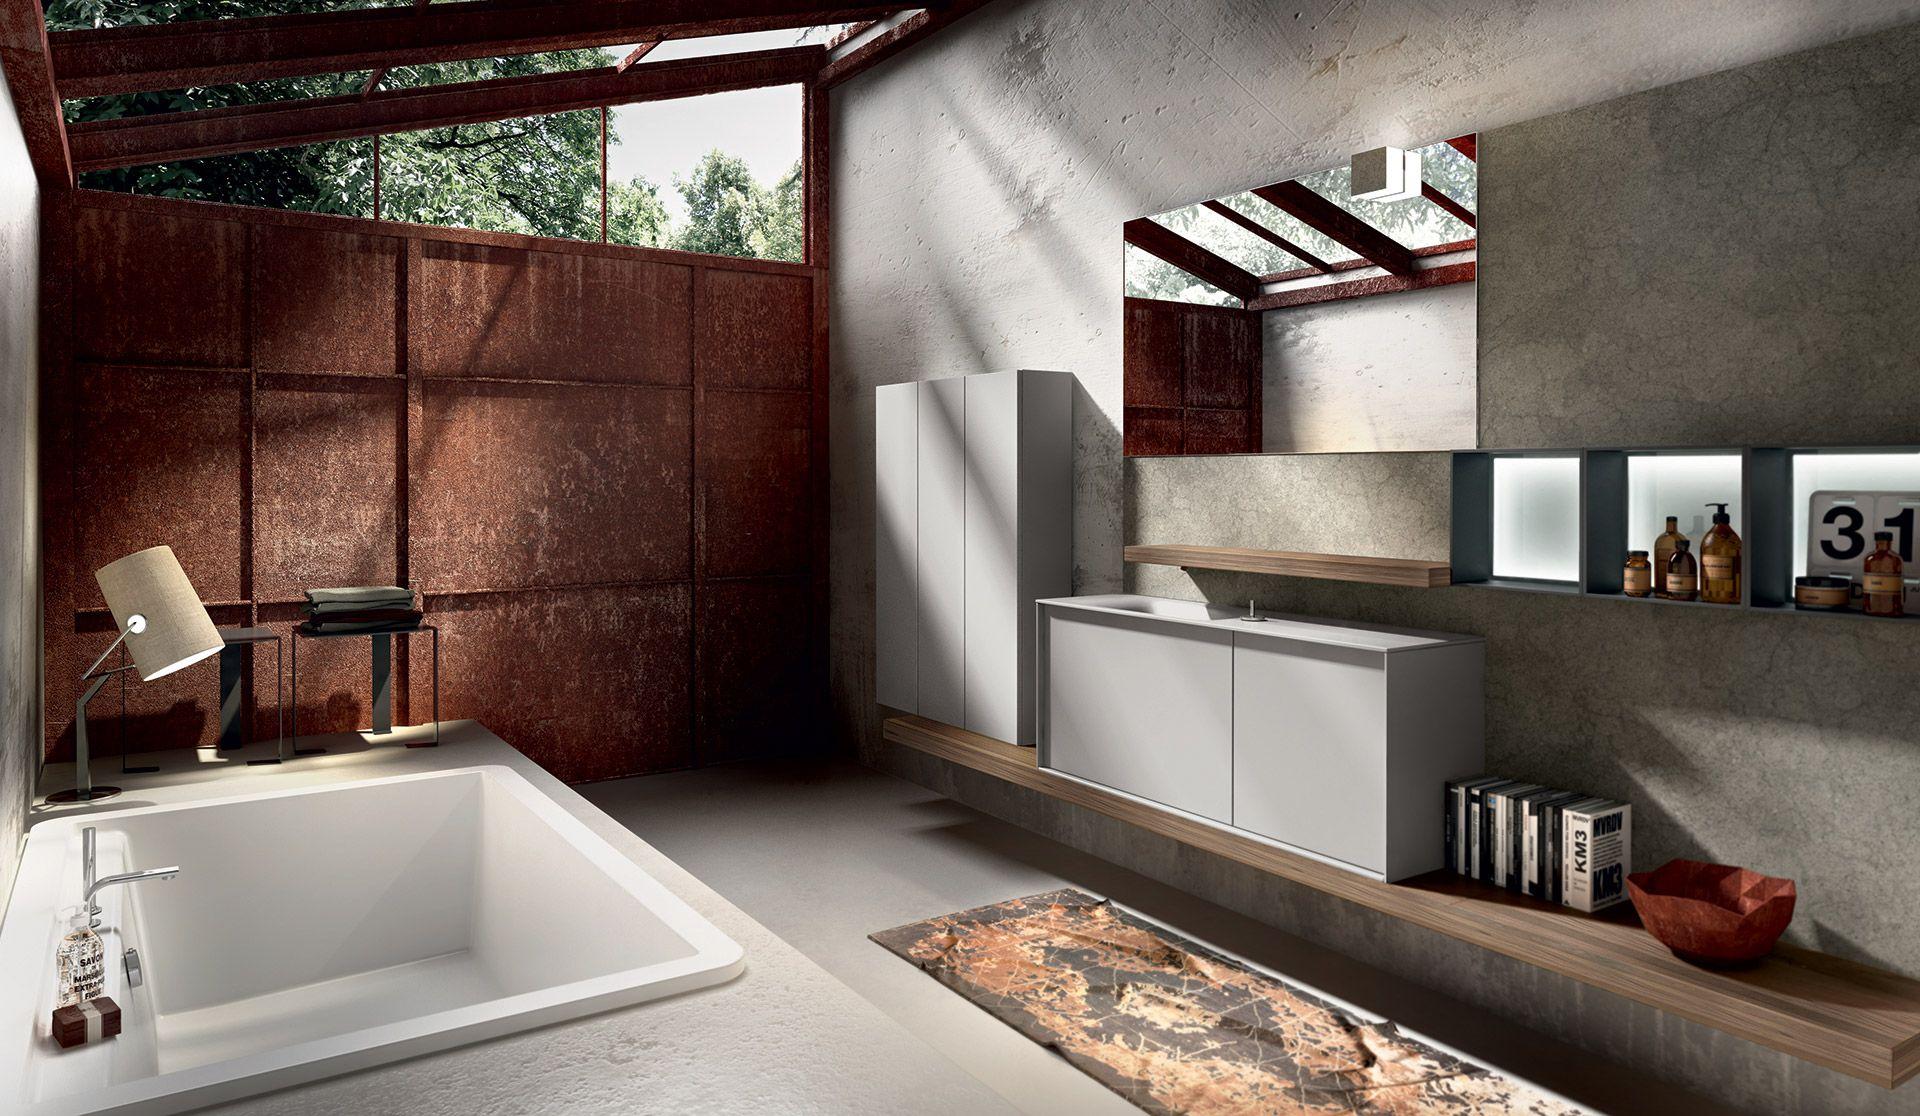 collezione regolo by edoné design - 1 - tagli geometrici per ... - Agorà Arredo Bagno